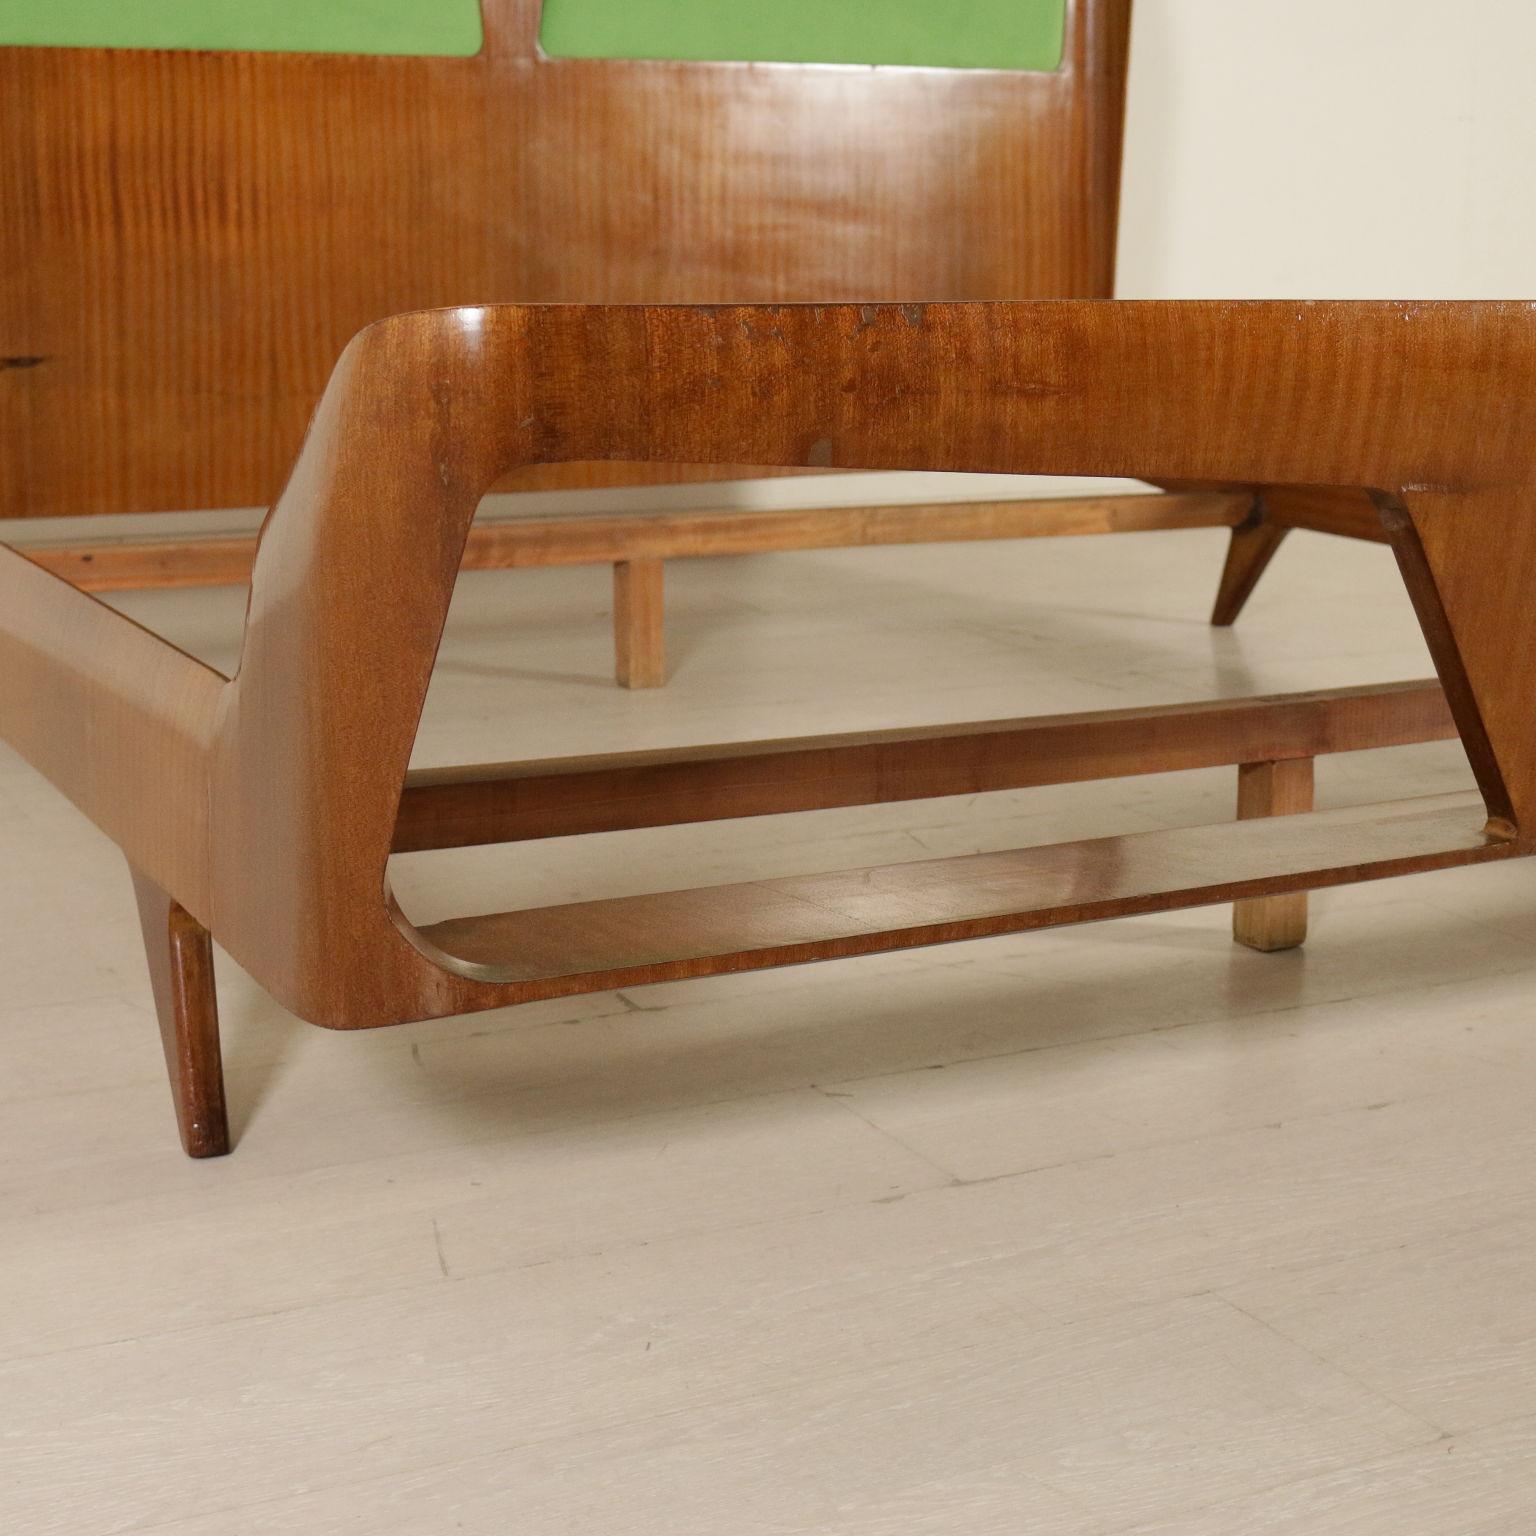 Bett 50er Jahre - Einrichtungsgegenstände - Modernes design ...